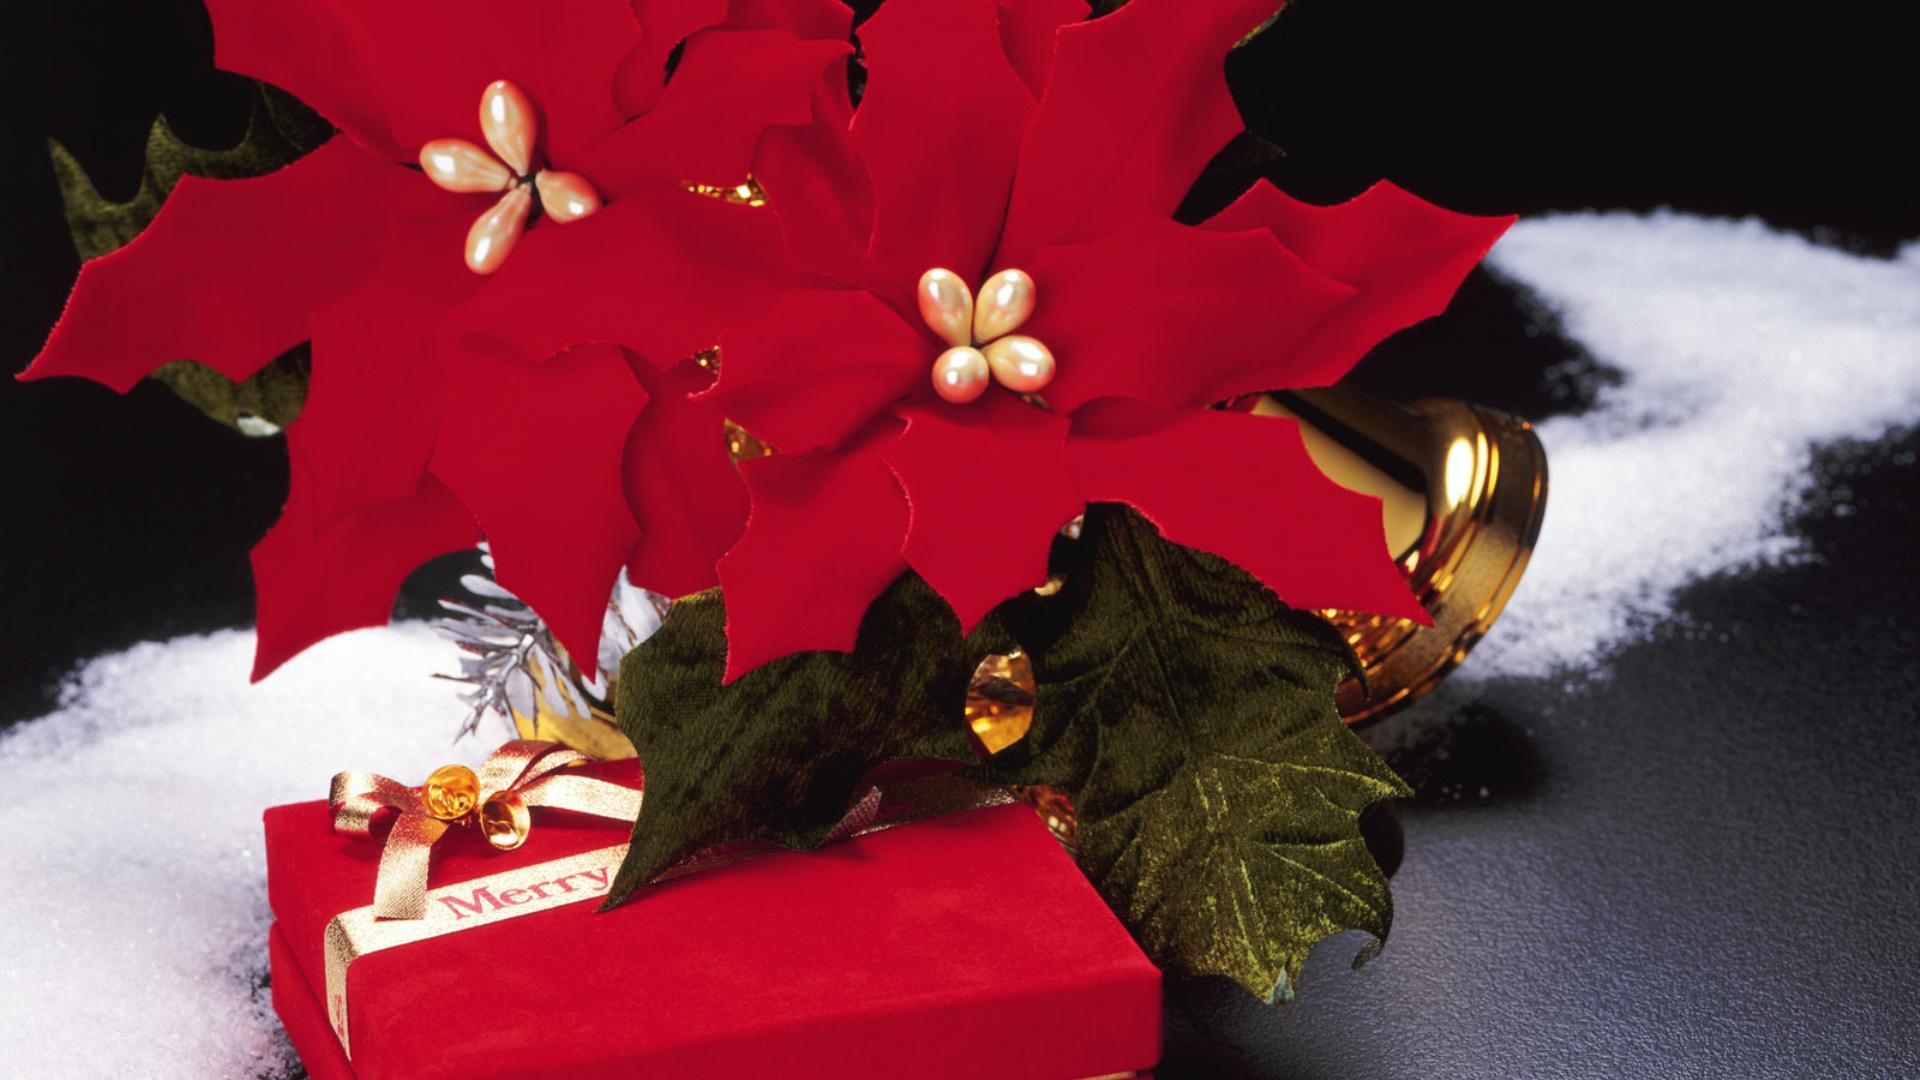 приветнужно лягушка картинки с цветами новогодние зависит выбранного вида